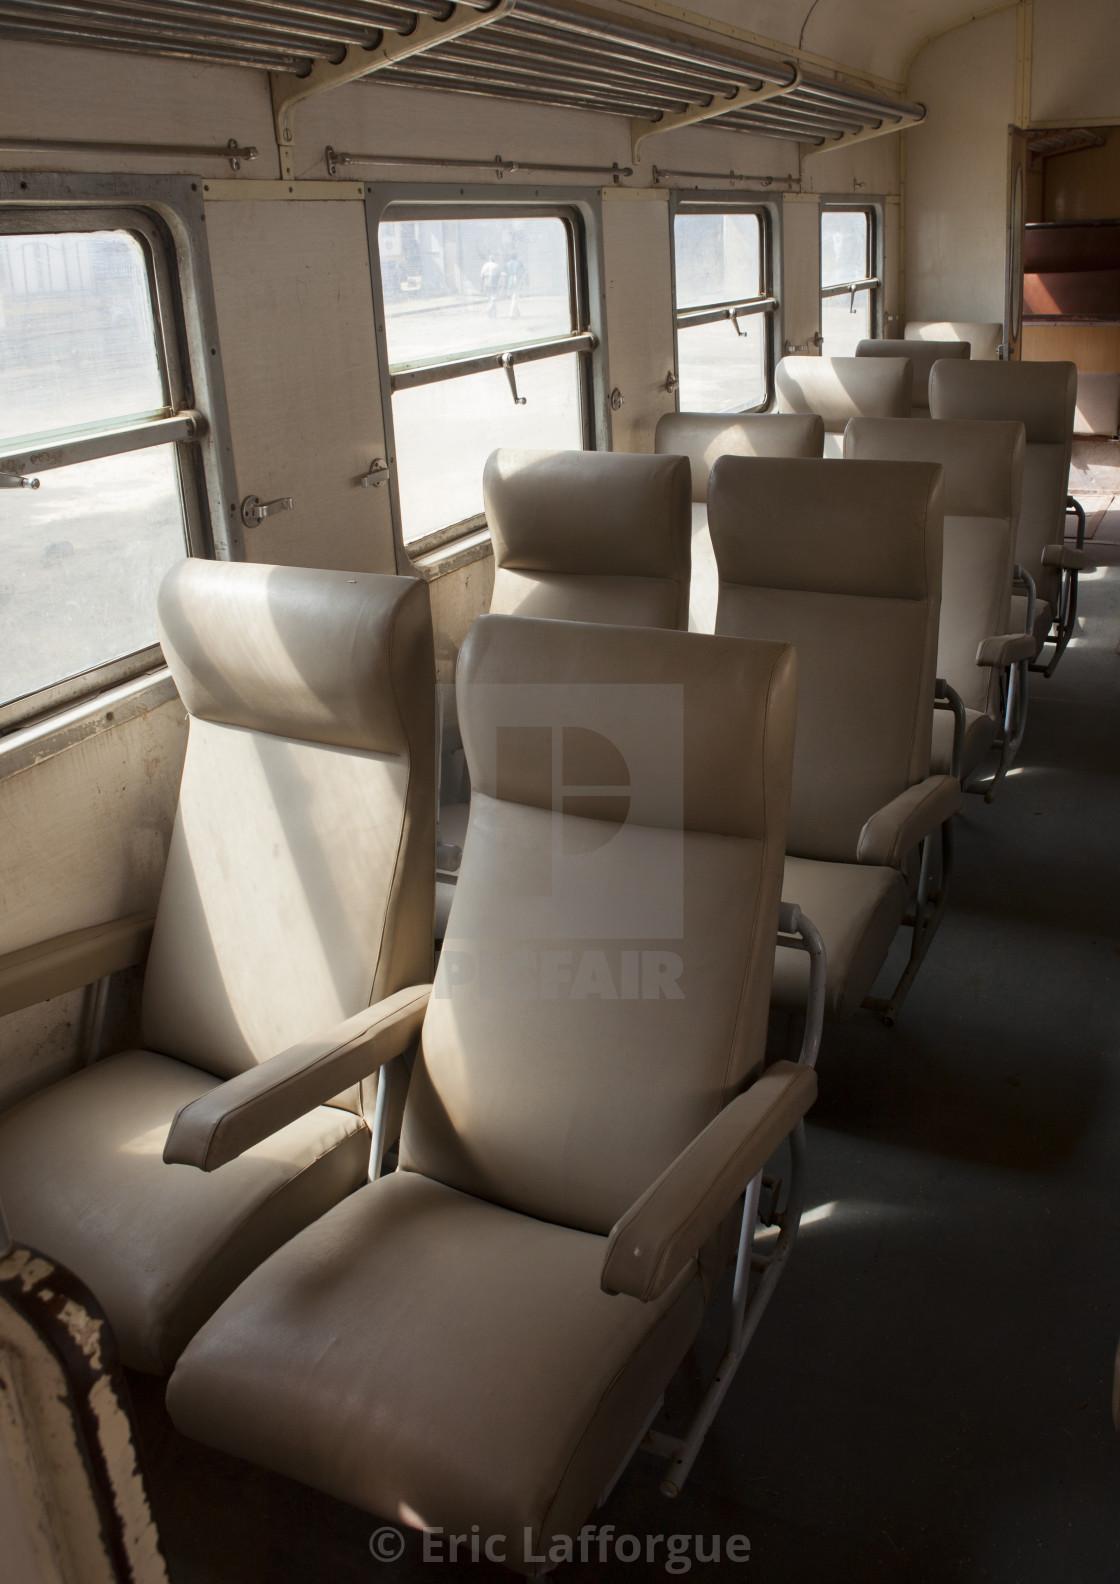 Inside Djibouti Addis Ababa Old Train First Class, Dire Dawa